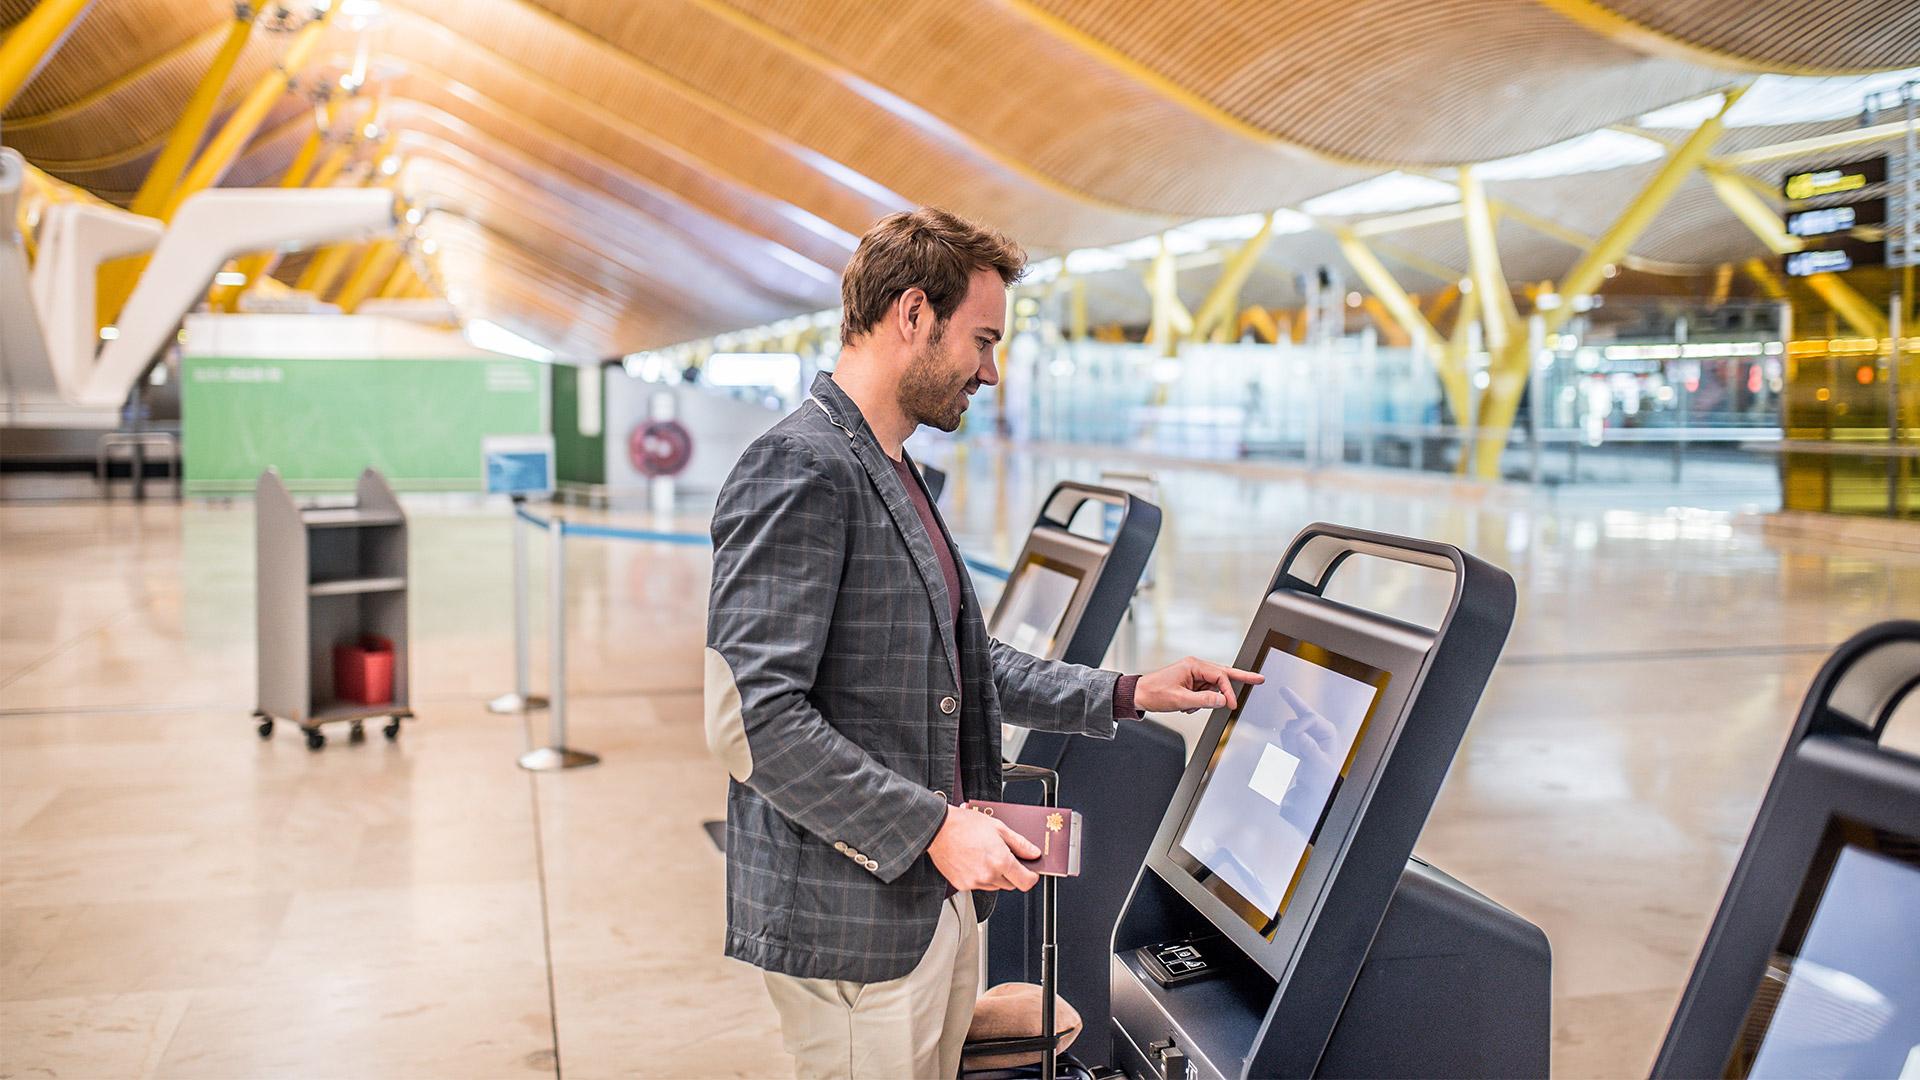 Airport self-check in | David Prado, Adobe Stock